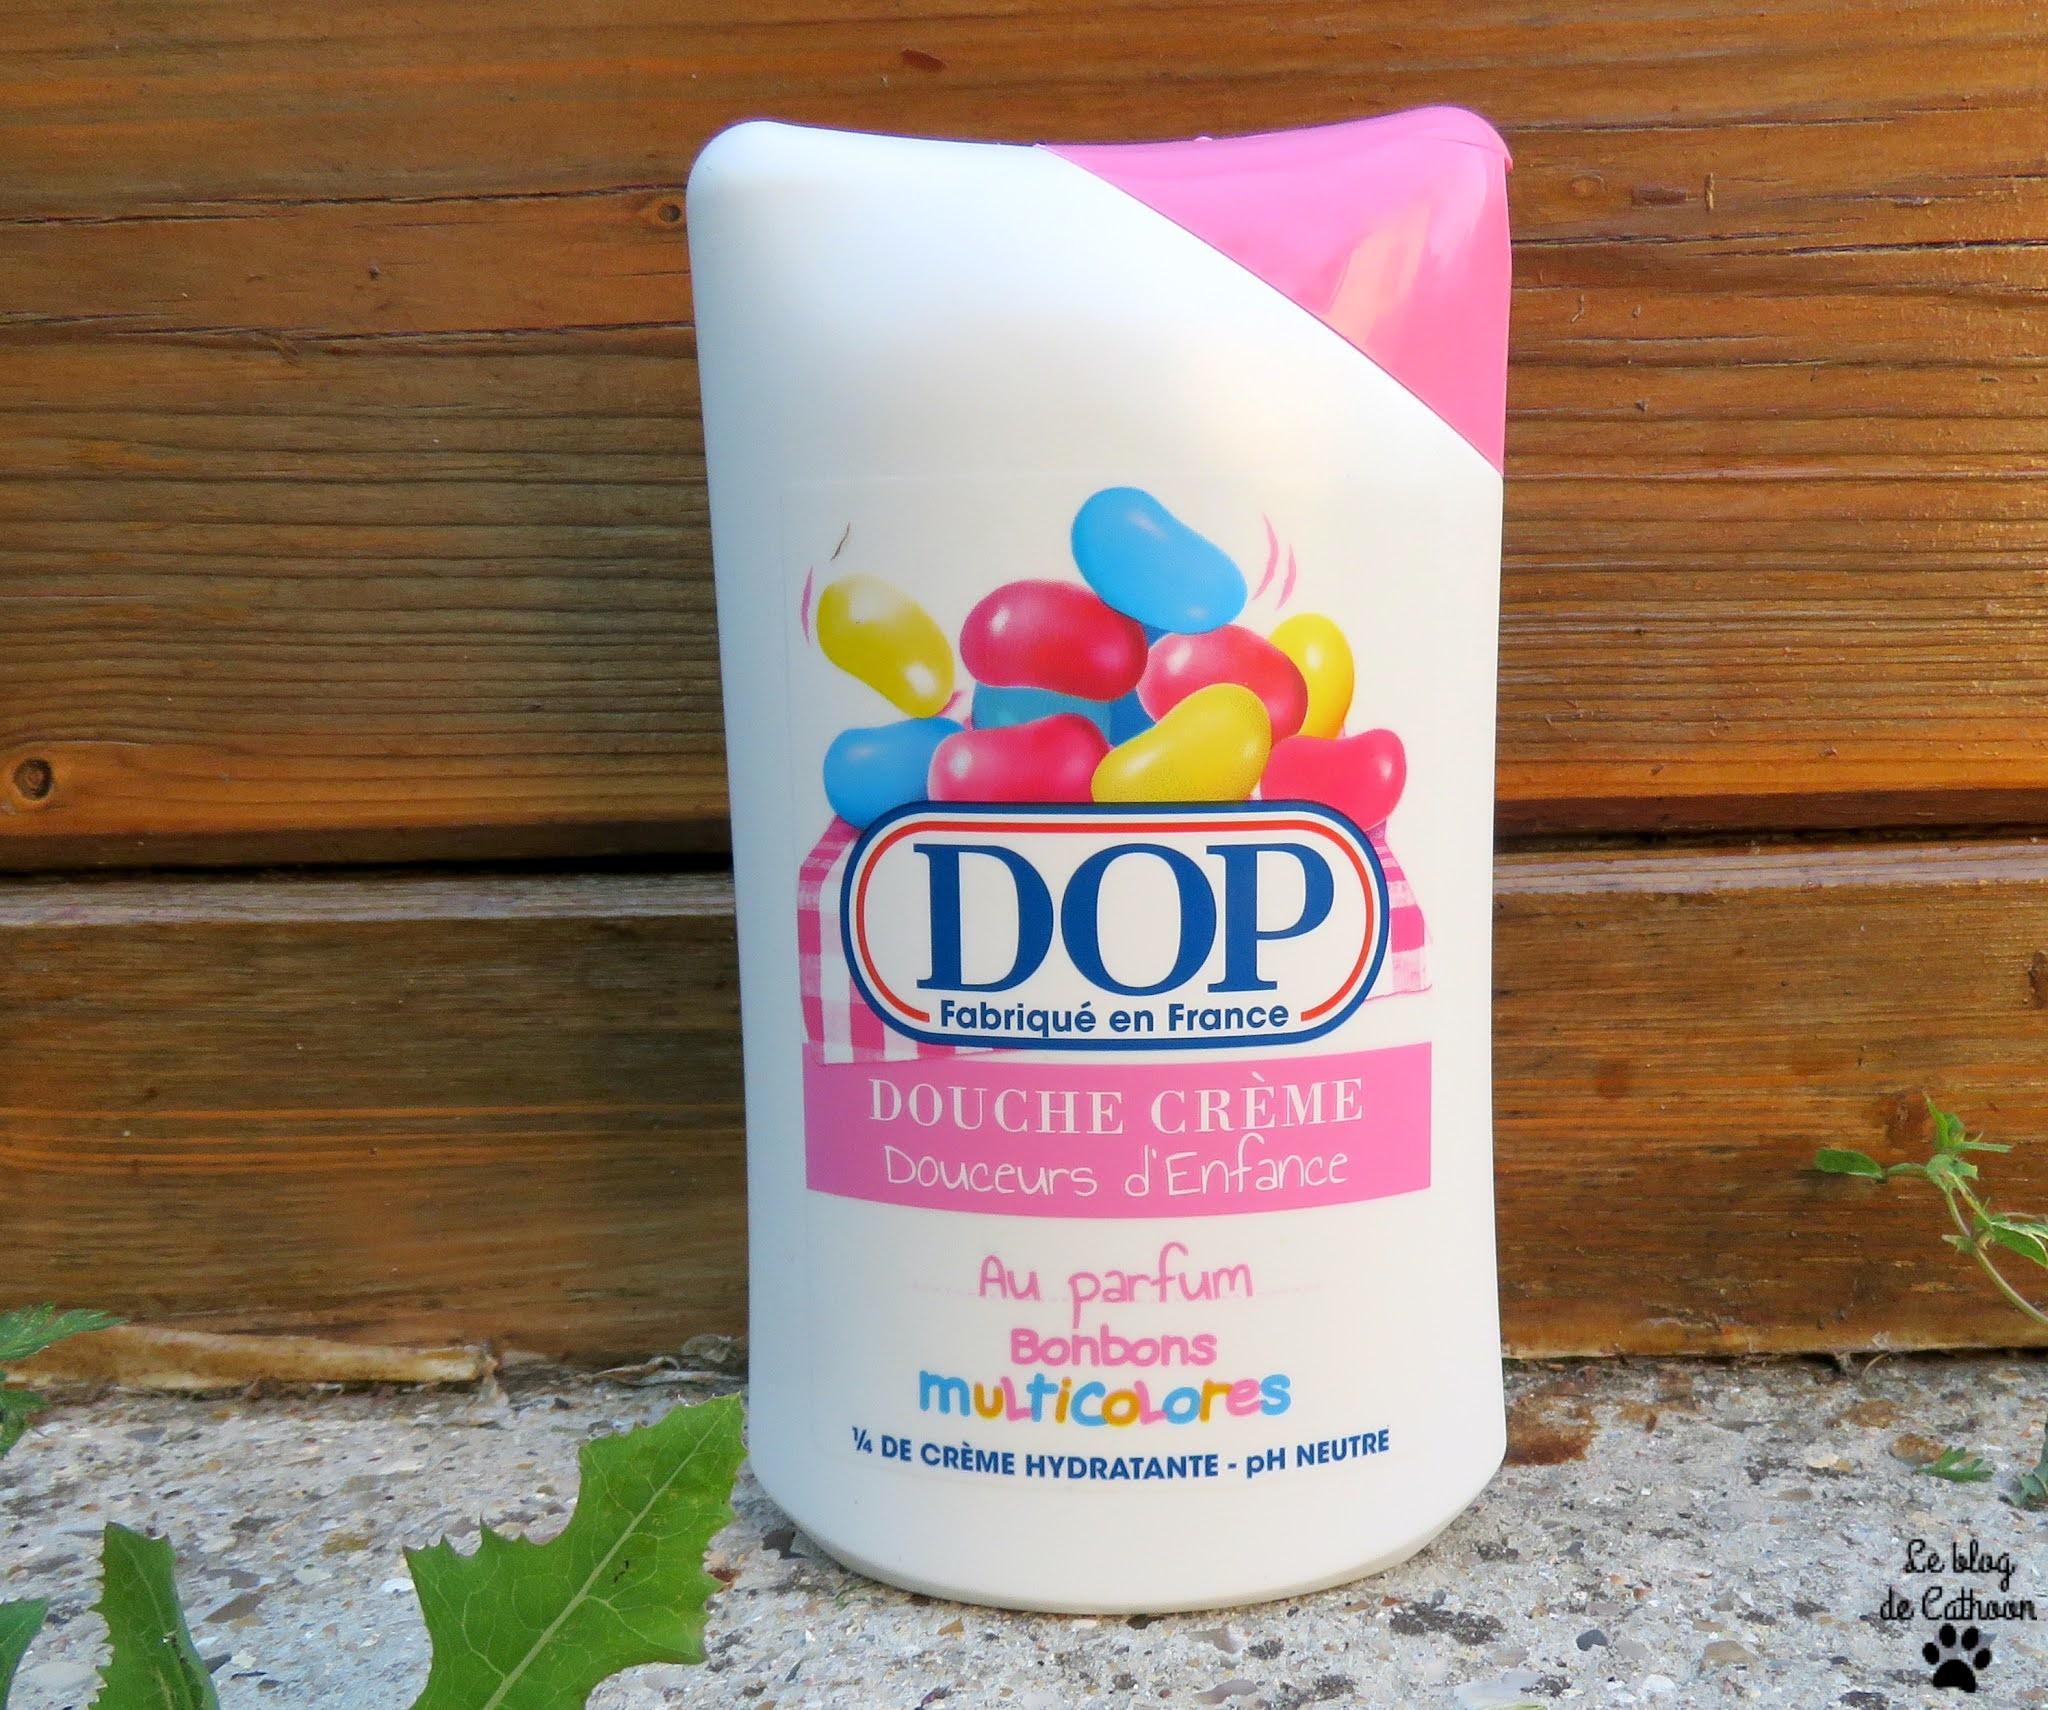 Bonbons Multicolores - Douche Crème Douceurs d'Enfance - Dop